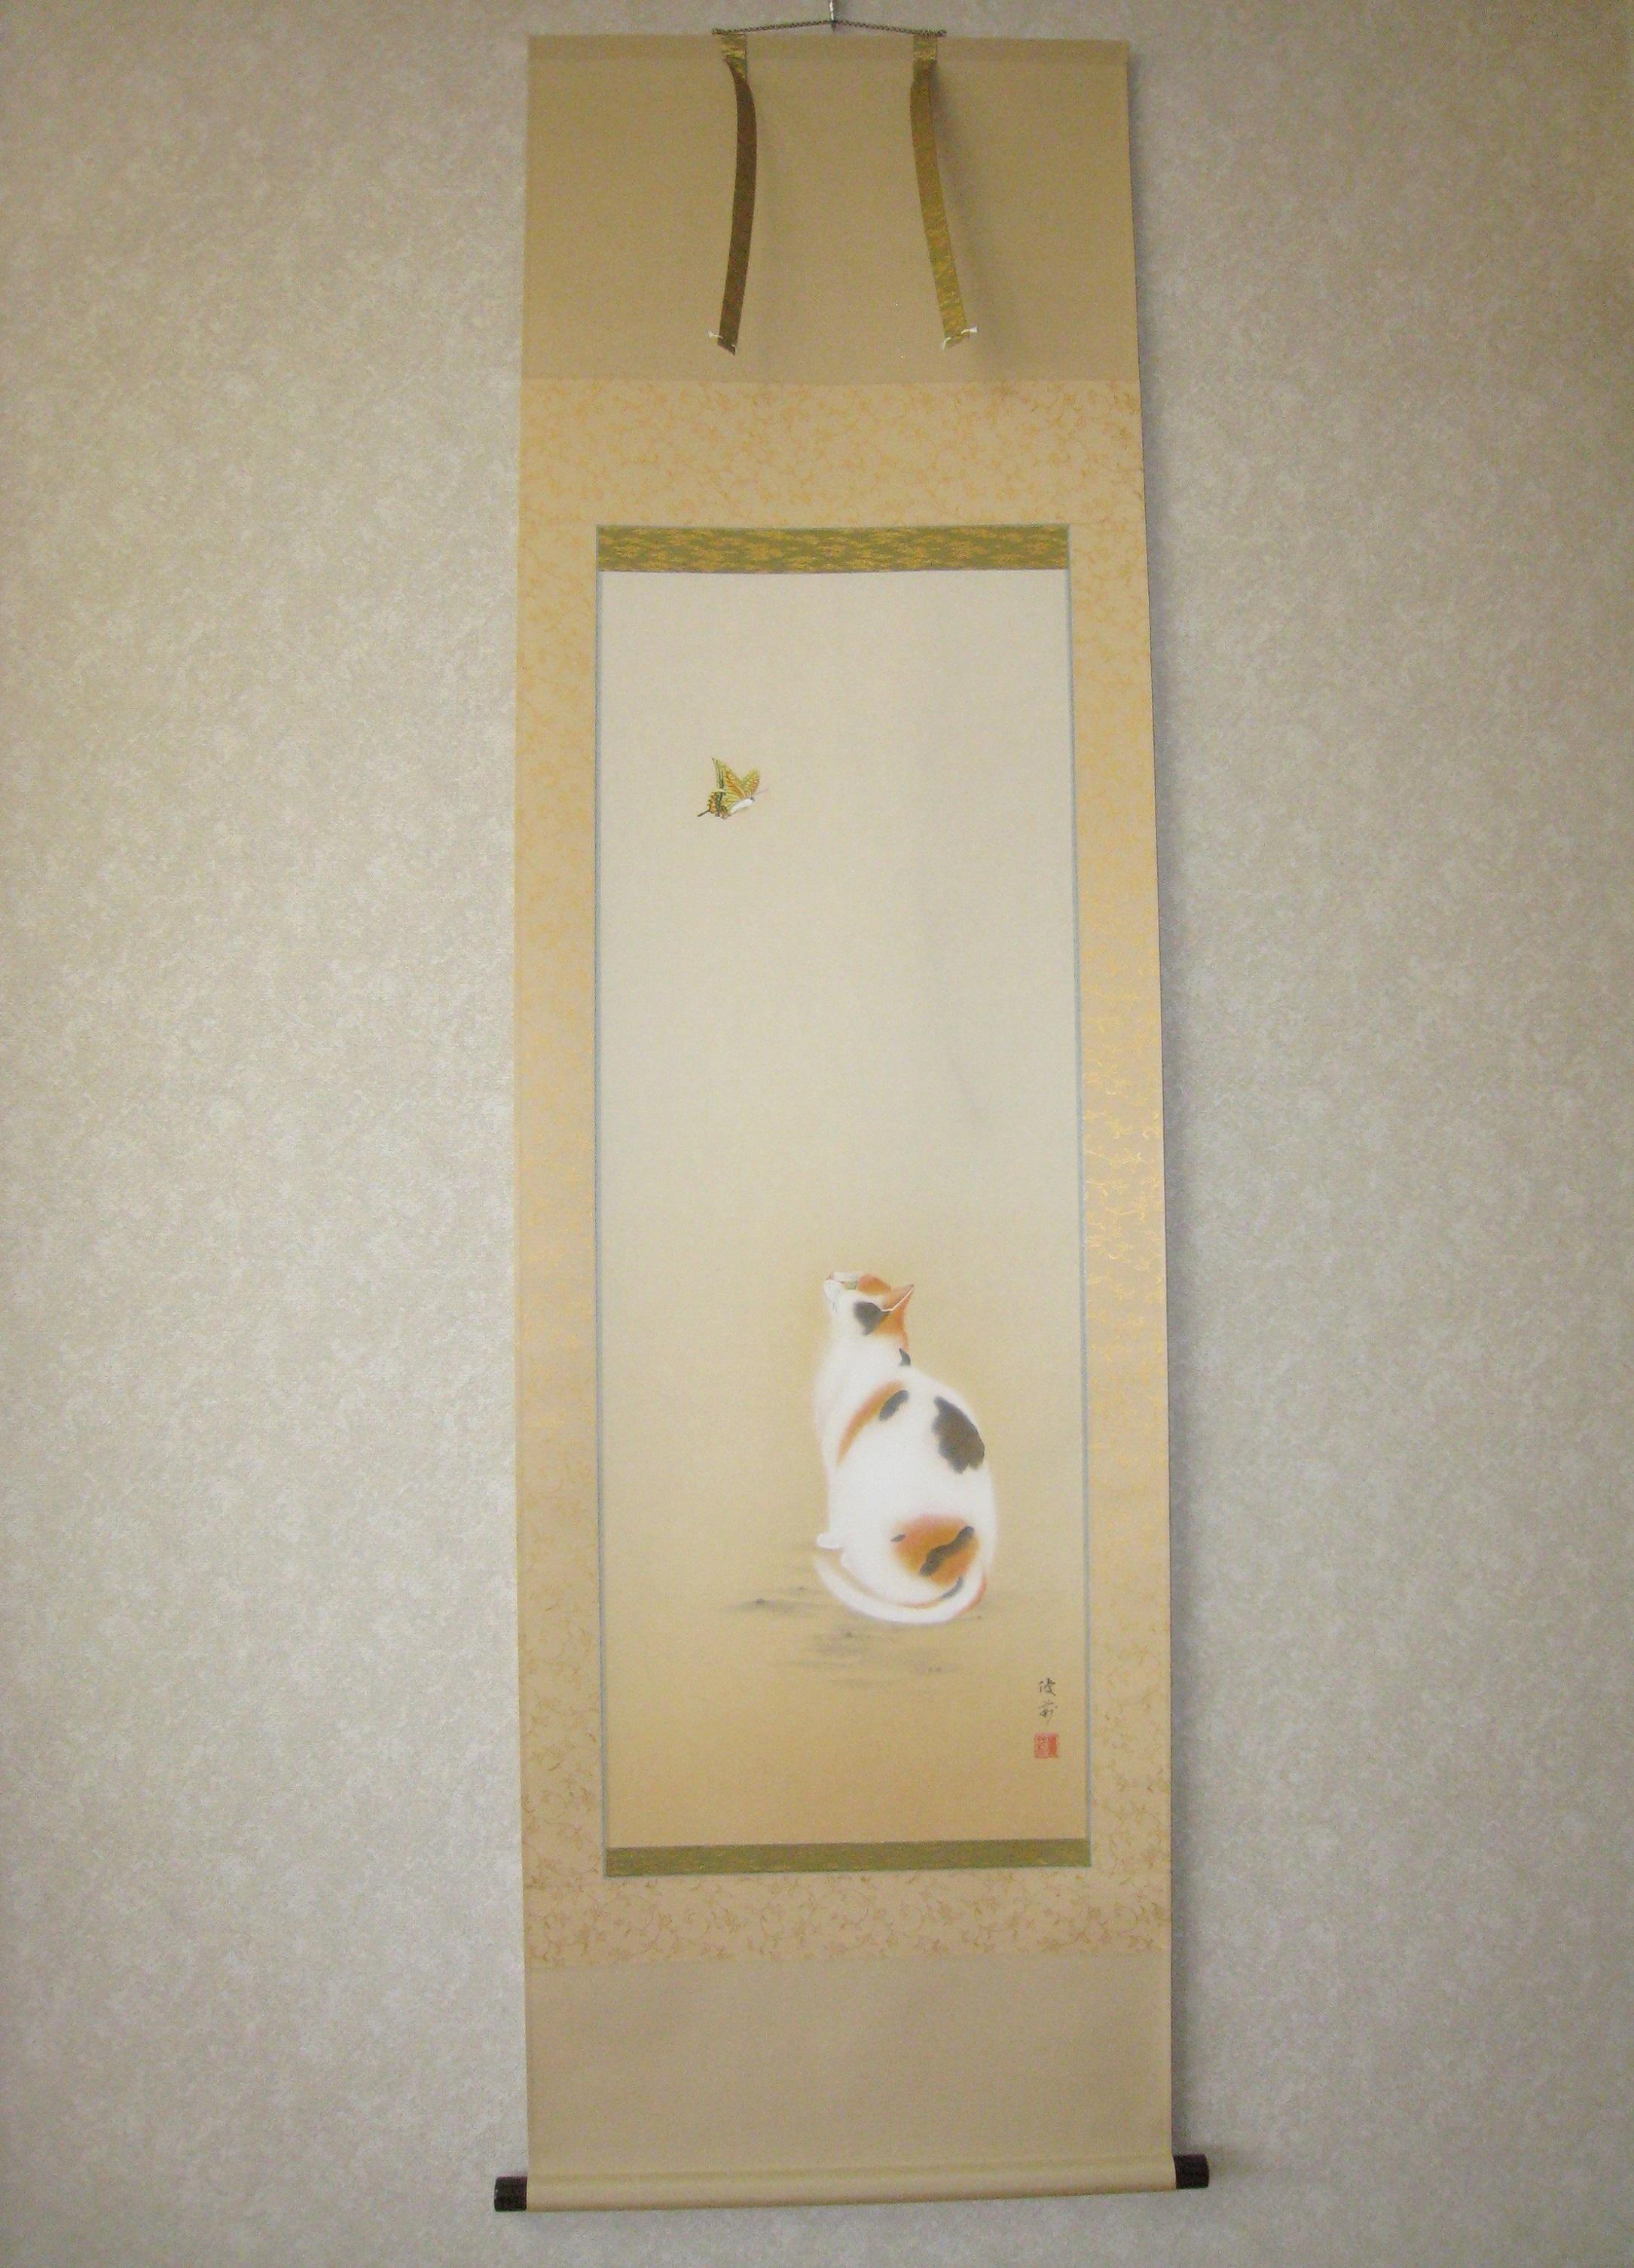 掛け軸 猫に蝶◆鈴木優莉